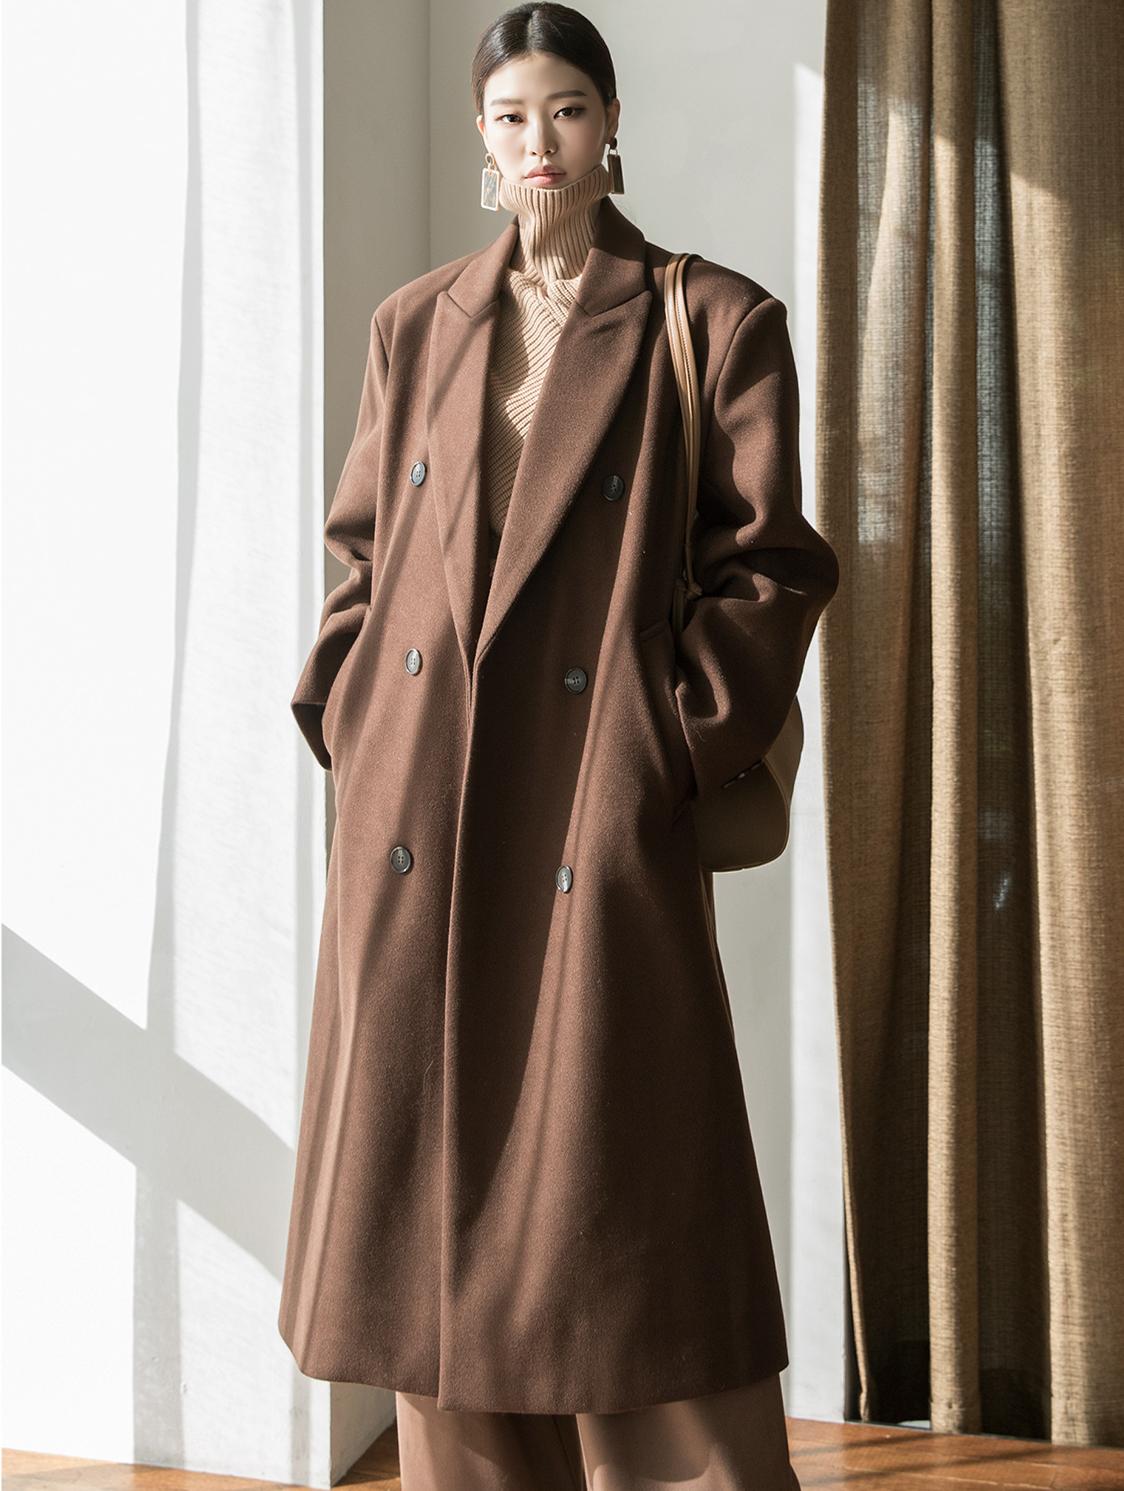 J866 in overfit wool Coat